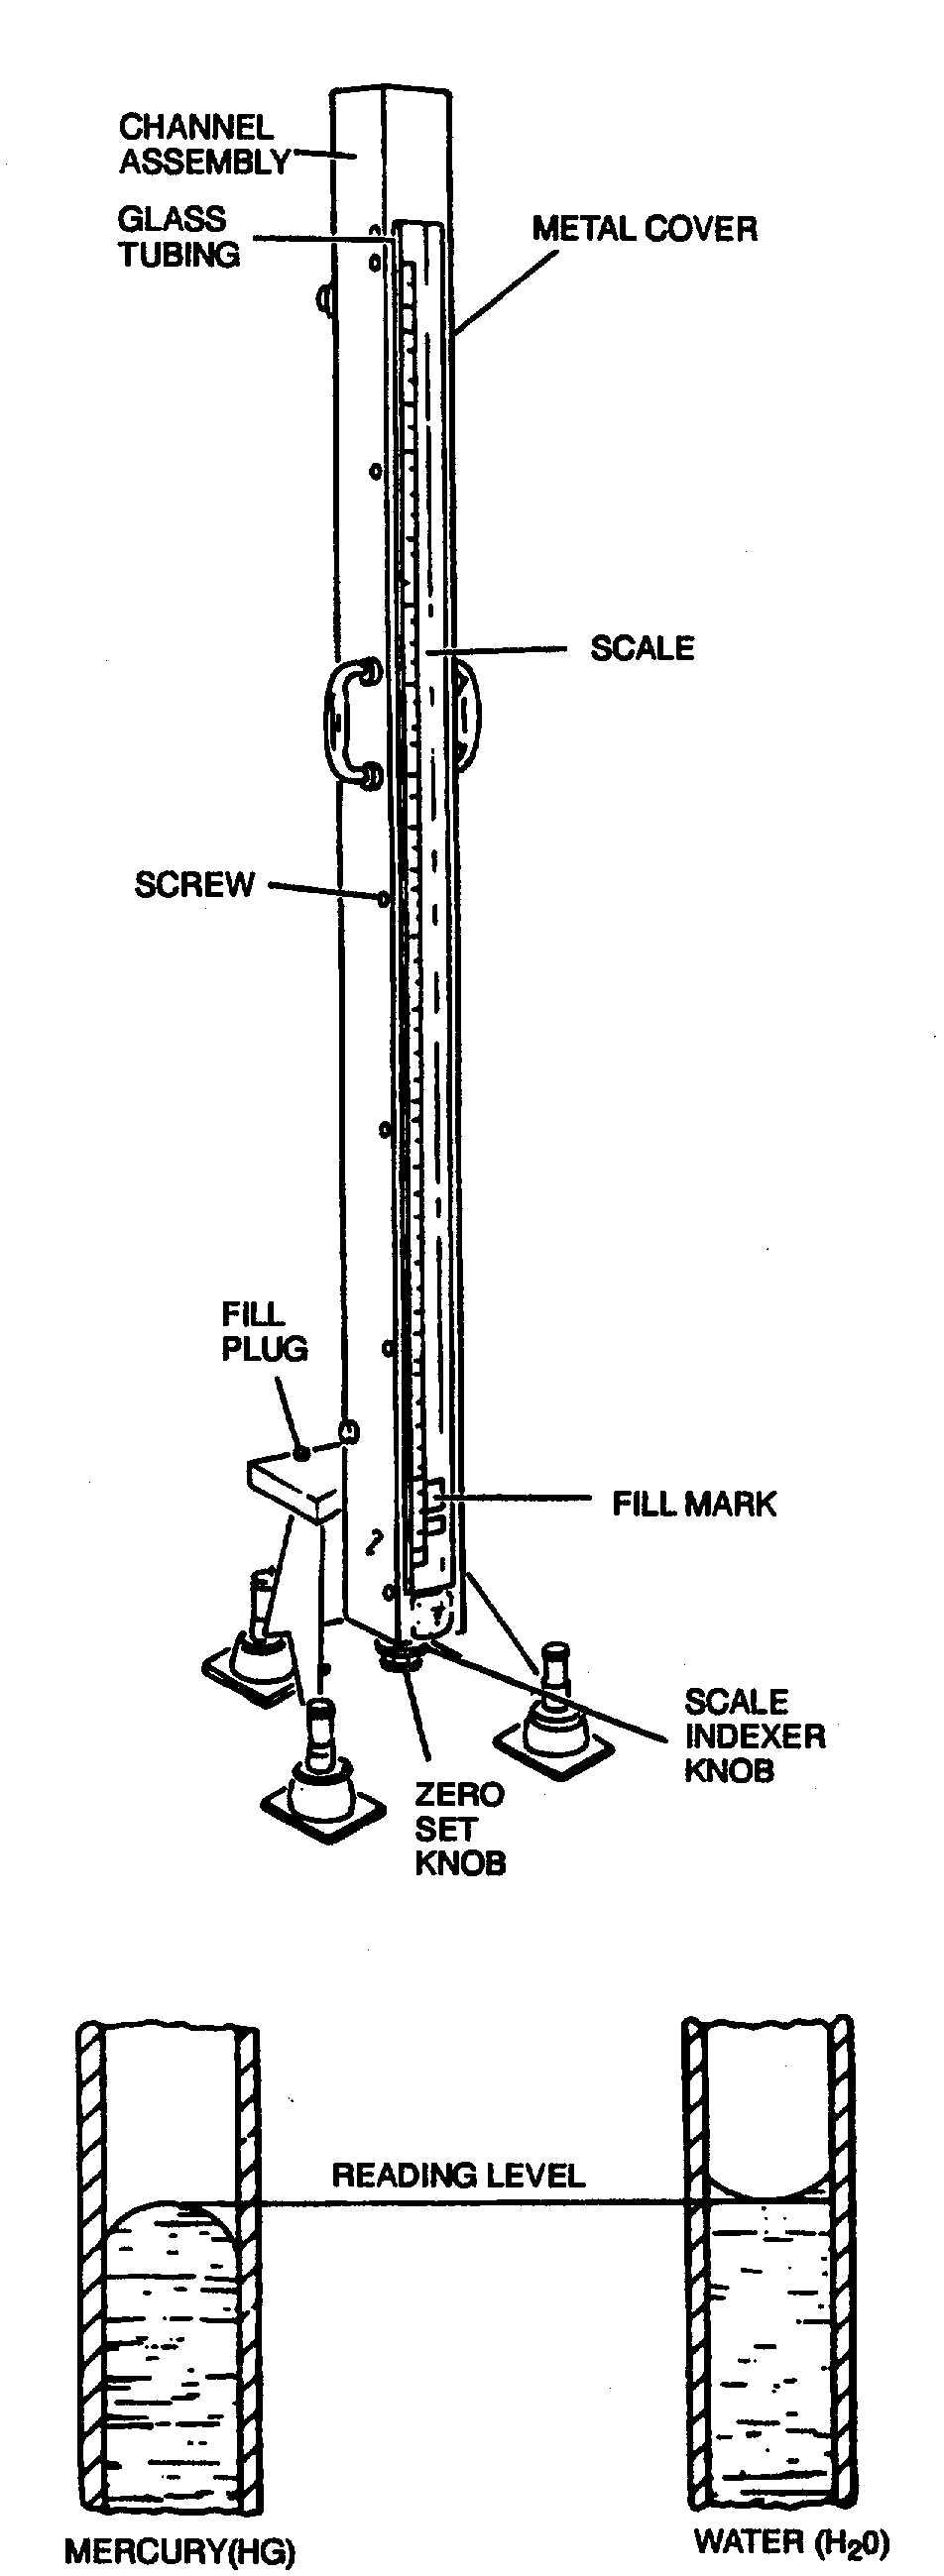 Figure 4-1. Manometer